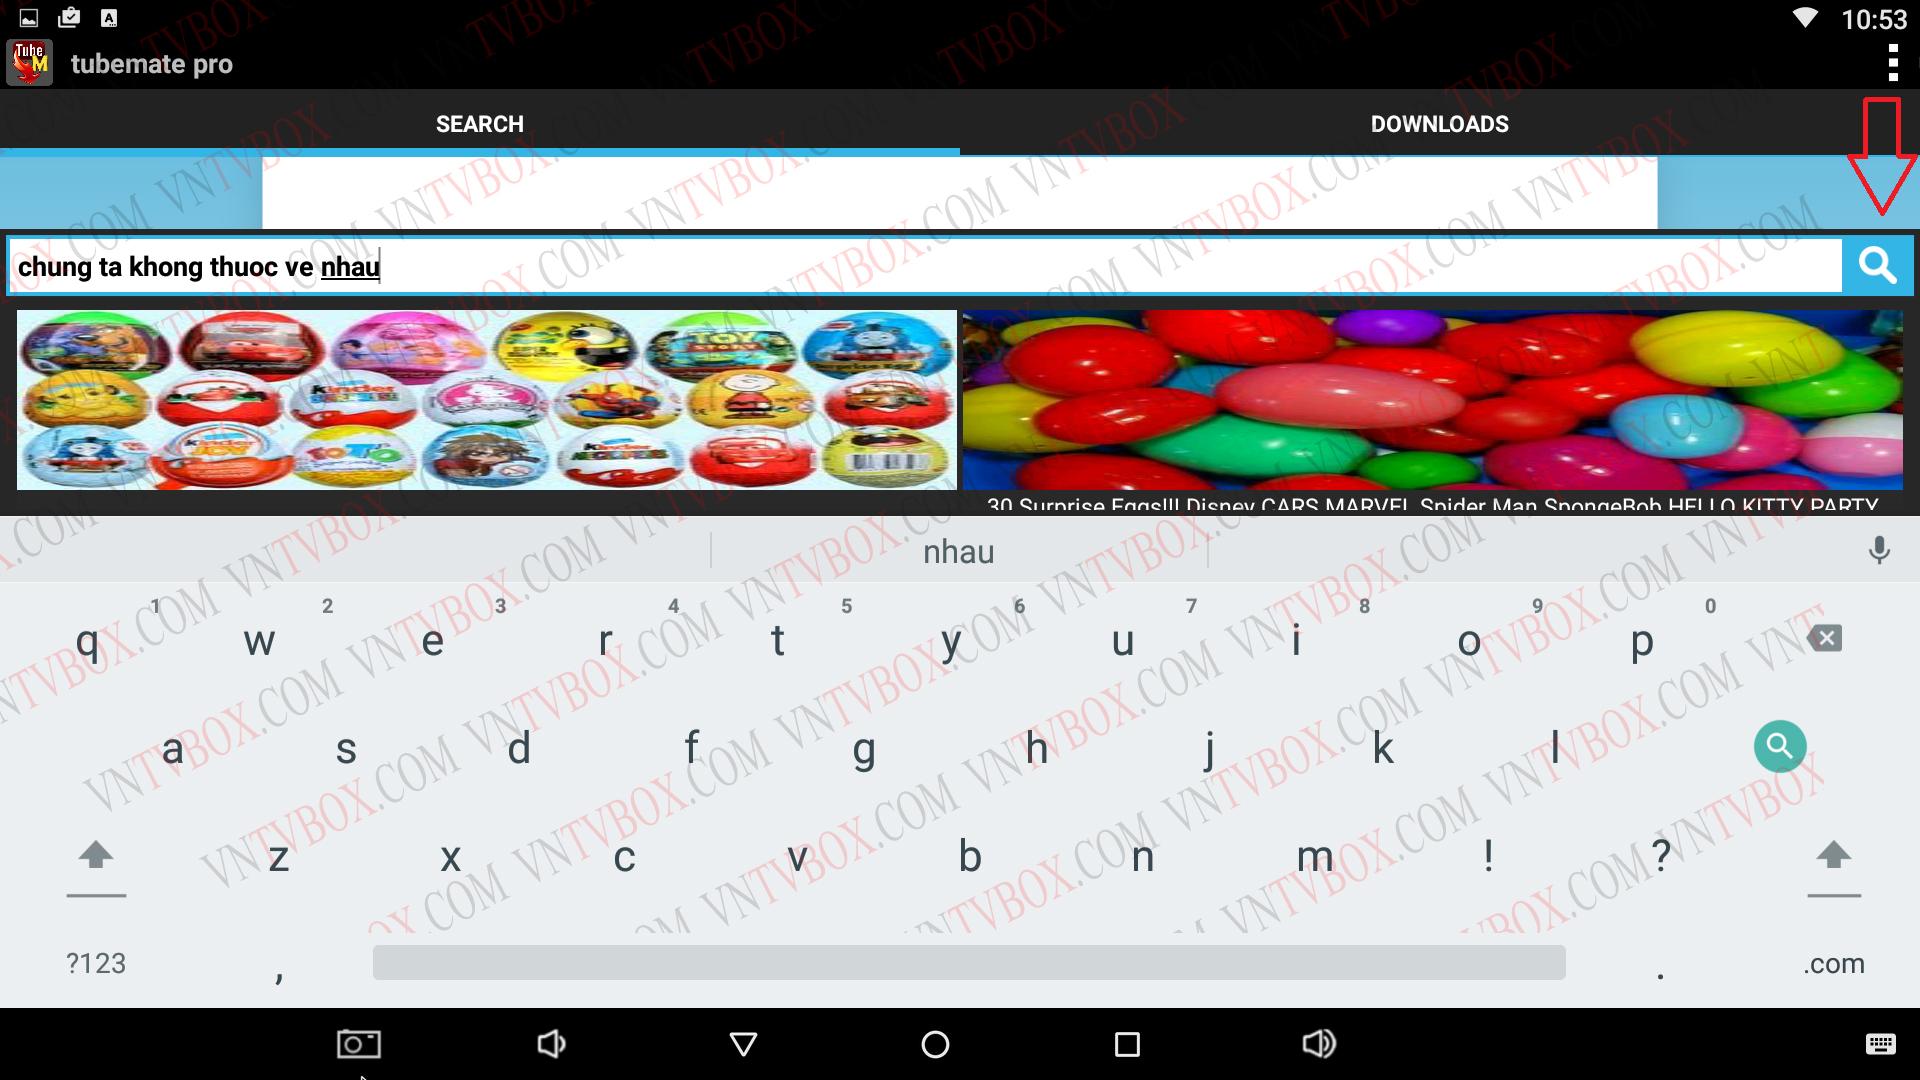 Hướng dẫn cách tải video trên youtube dành cho Android Tv Box